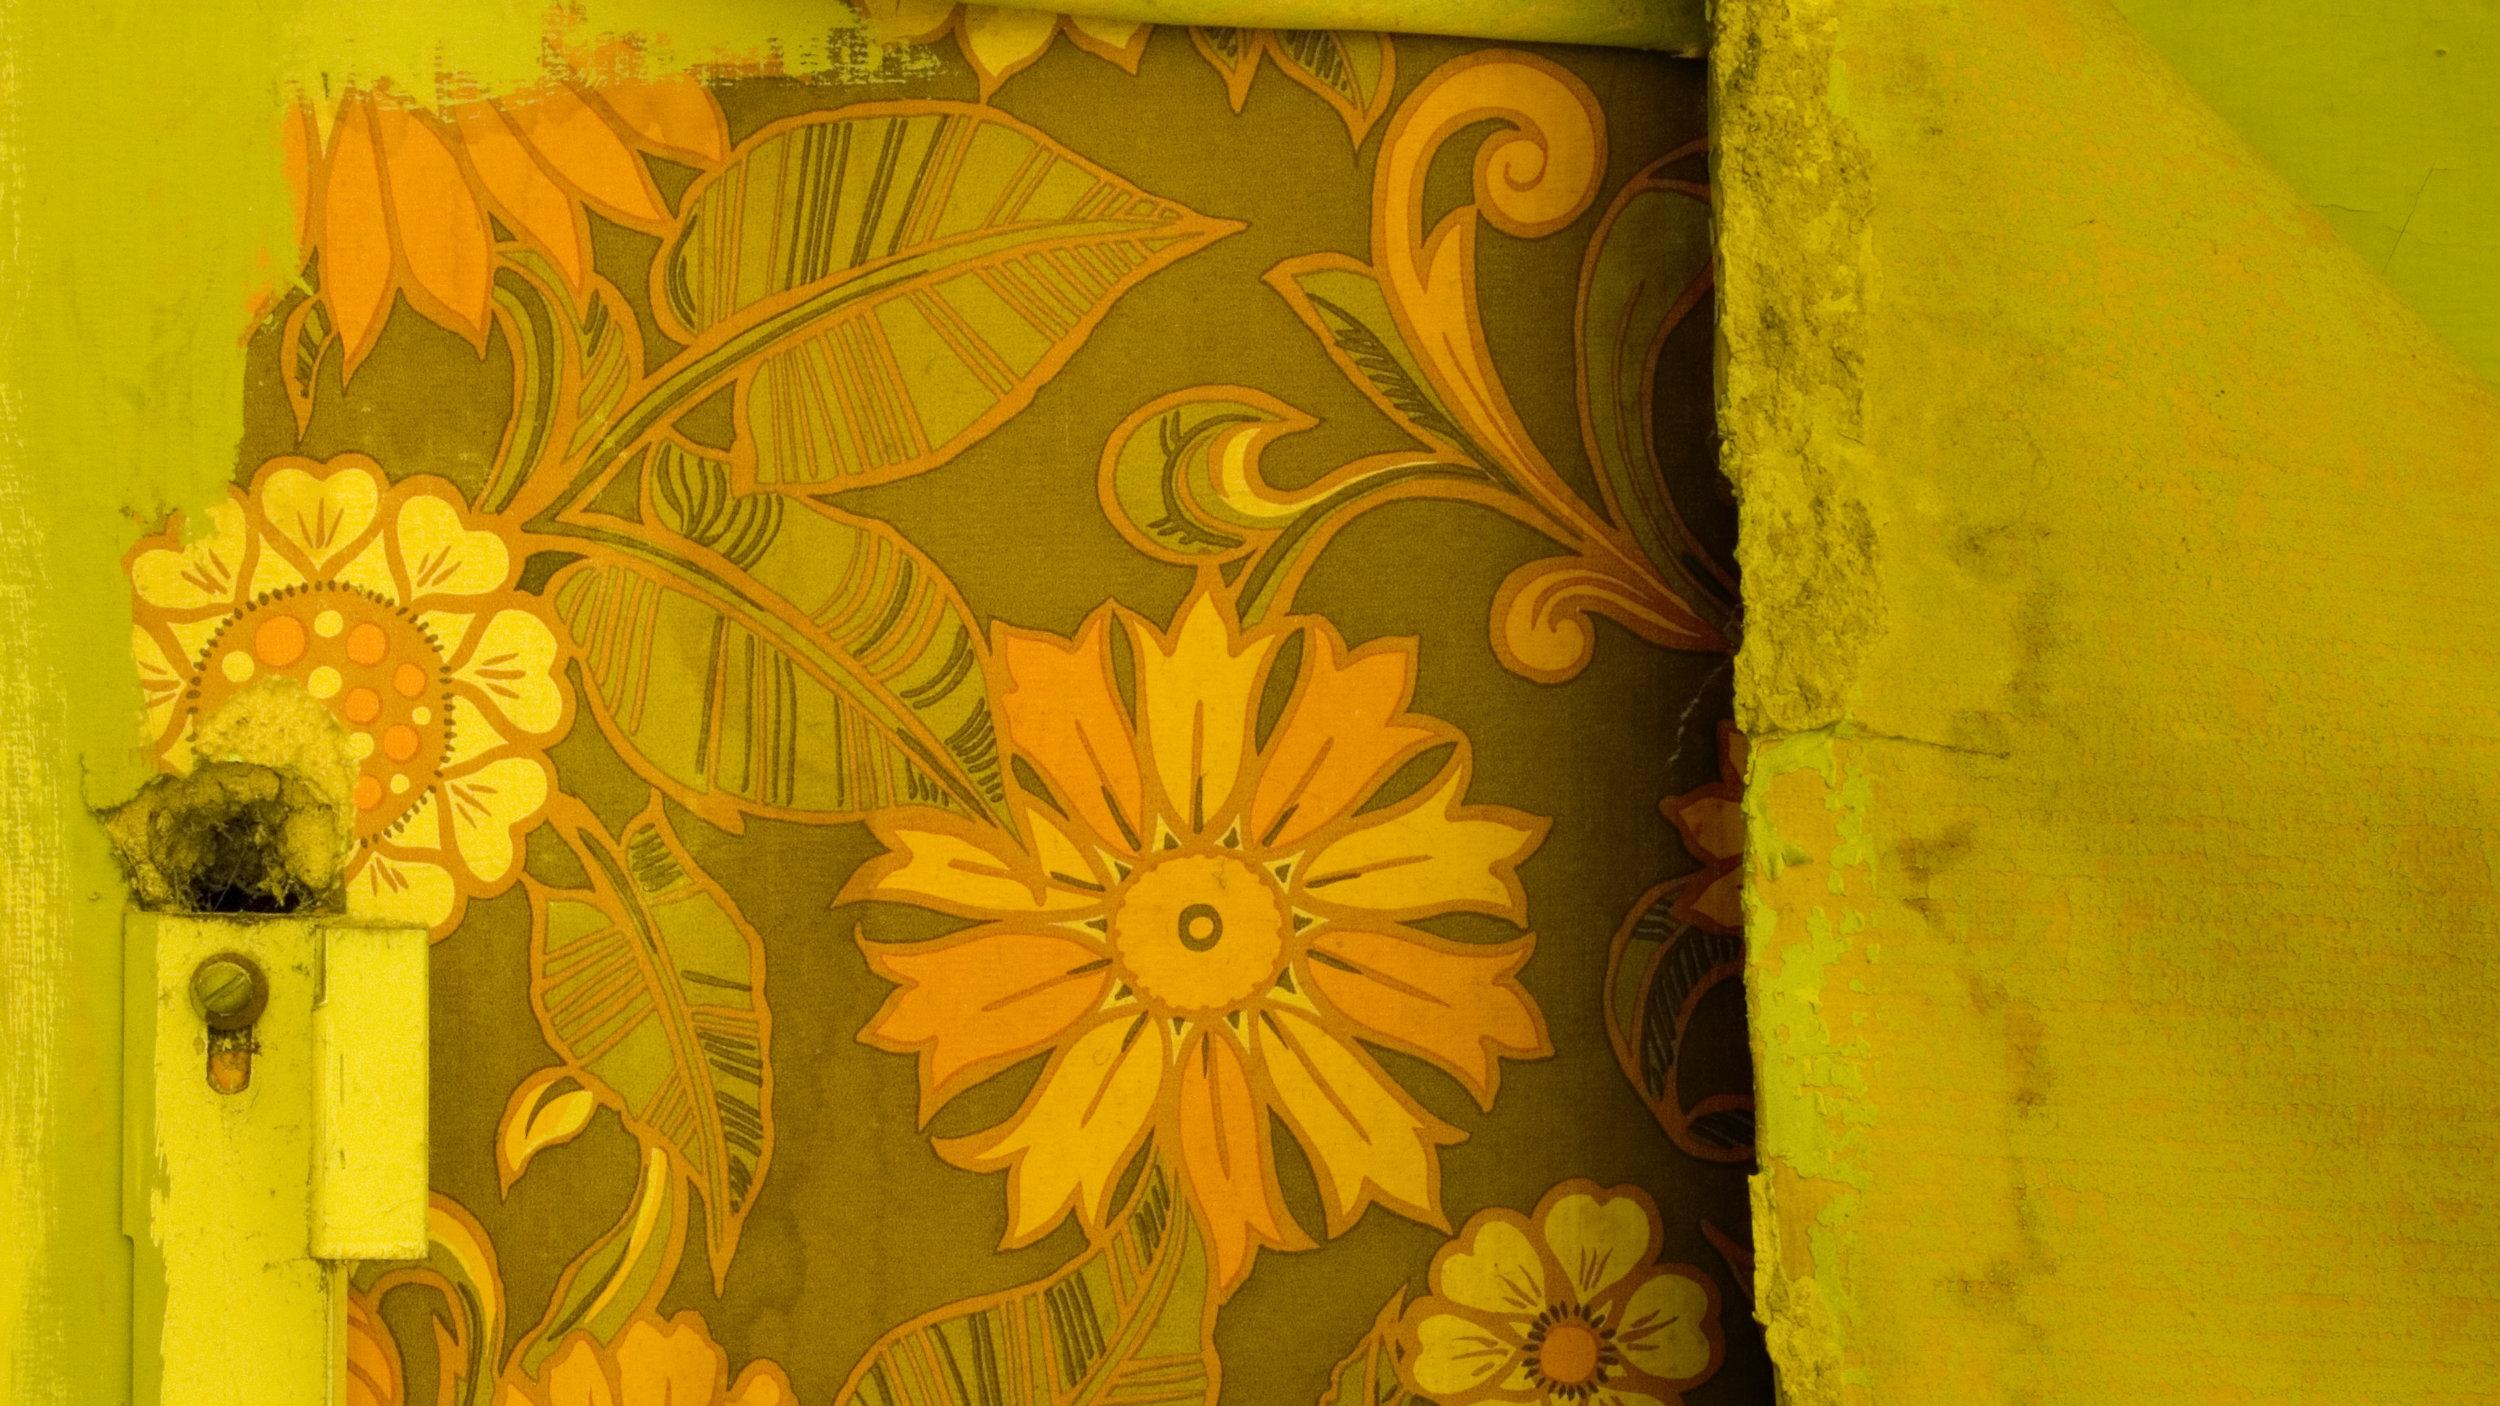 old-wallpaper-e1430757398500.jpg